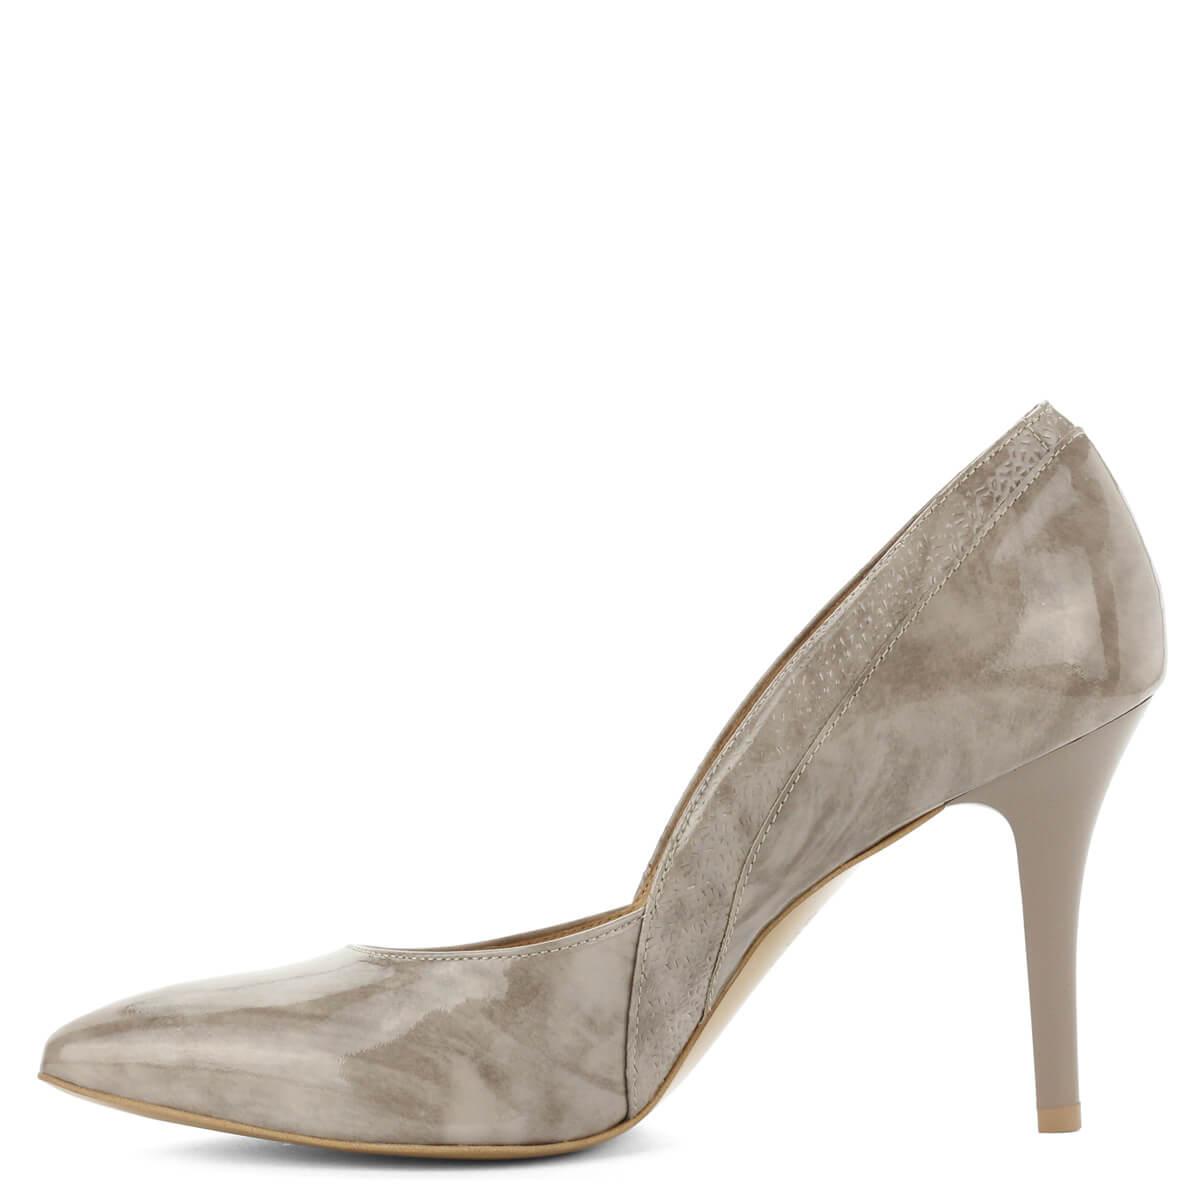 Anis bézs színű bőr magassarkú cipő nyomott mintával. Sarka